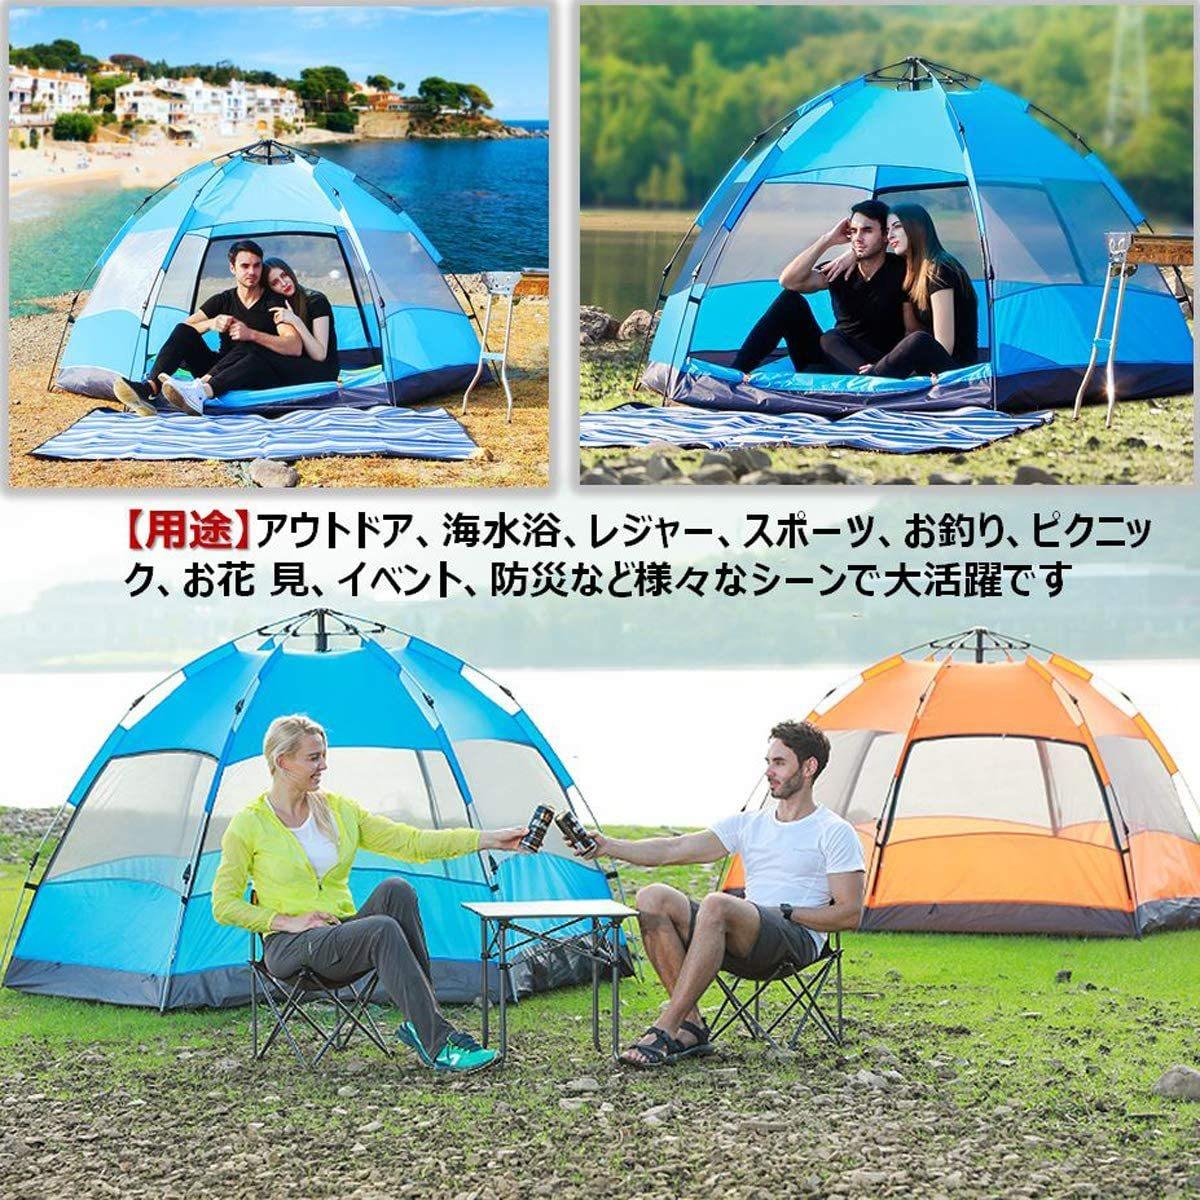 2-4人用 ワンタッチメッシュ六角形テント ブルー /二重層防風防水uvカット加工 多機能用途テント 多用途 _画像4